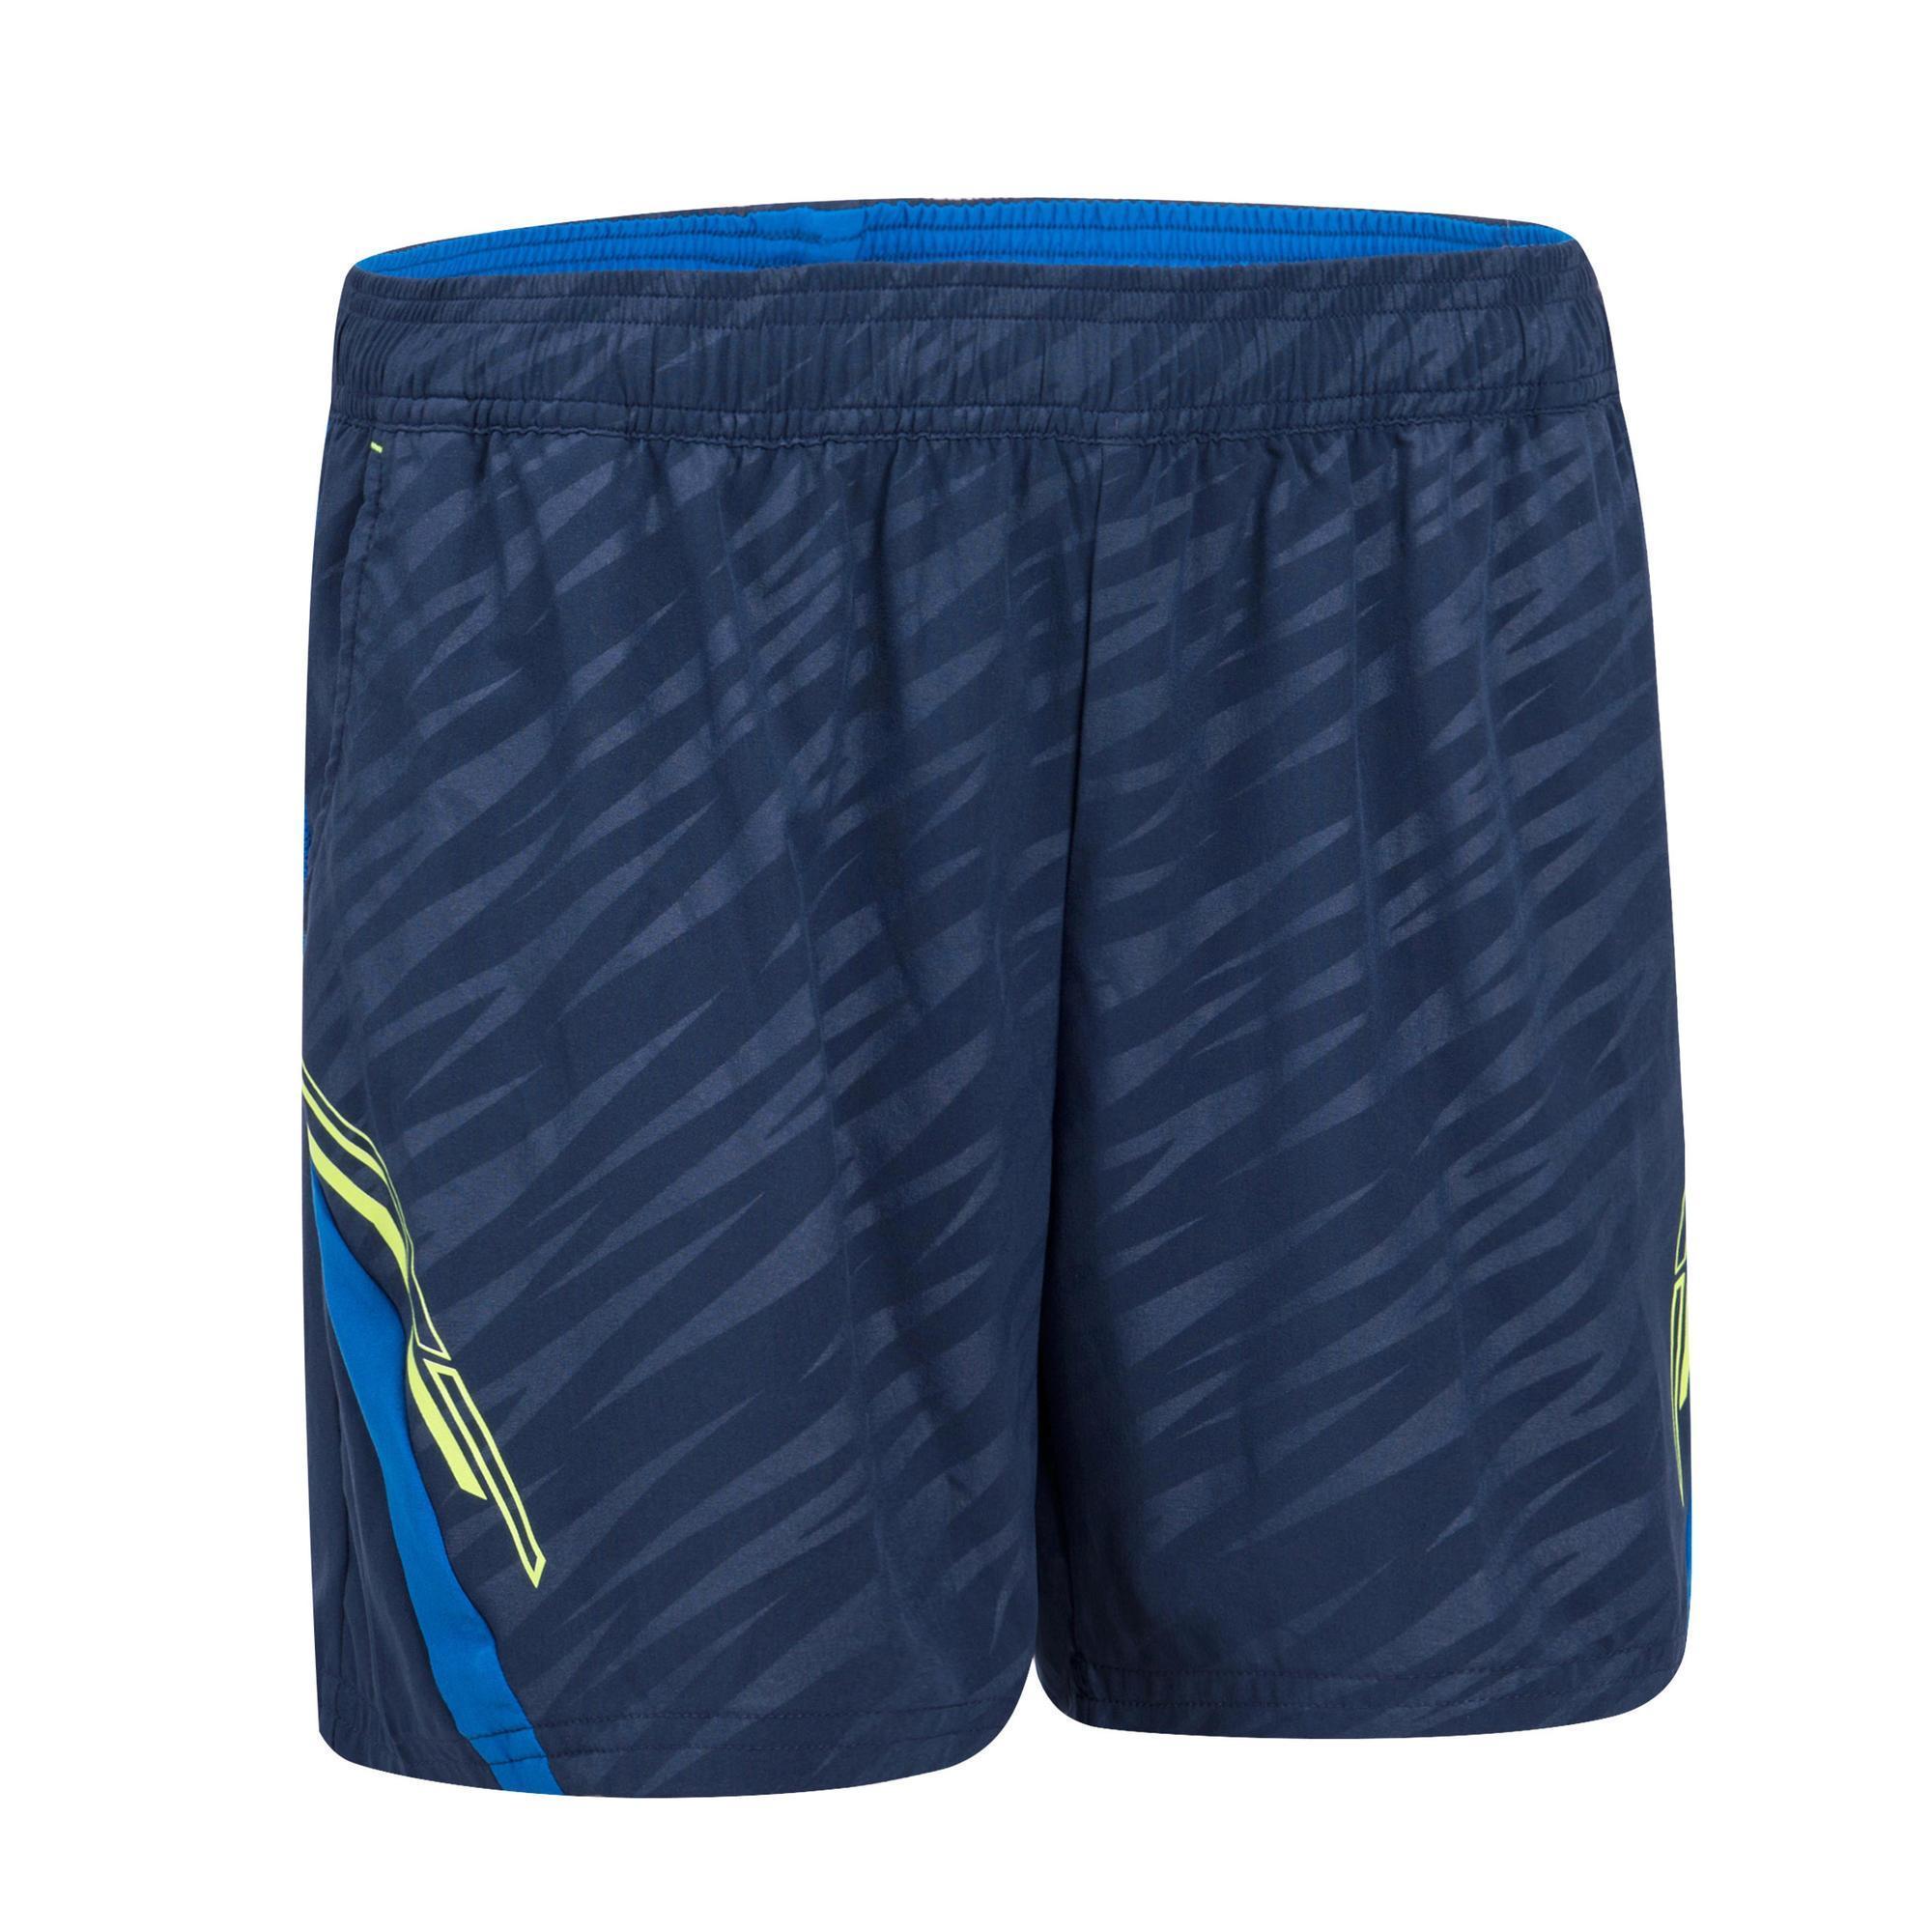 Badmintonkleding kopen met voordeel